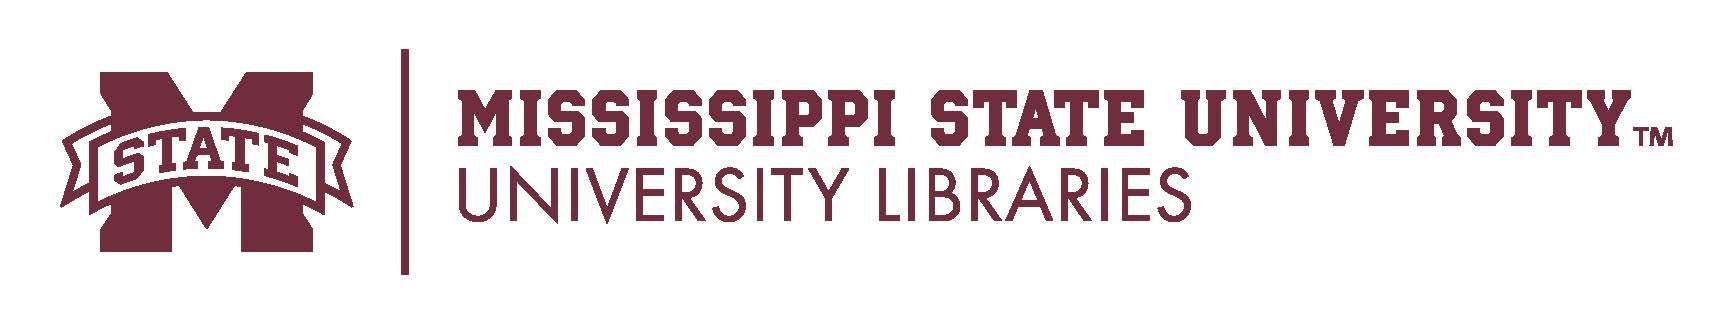 Mississippi State University_website.jpg